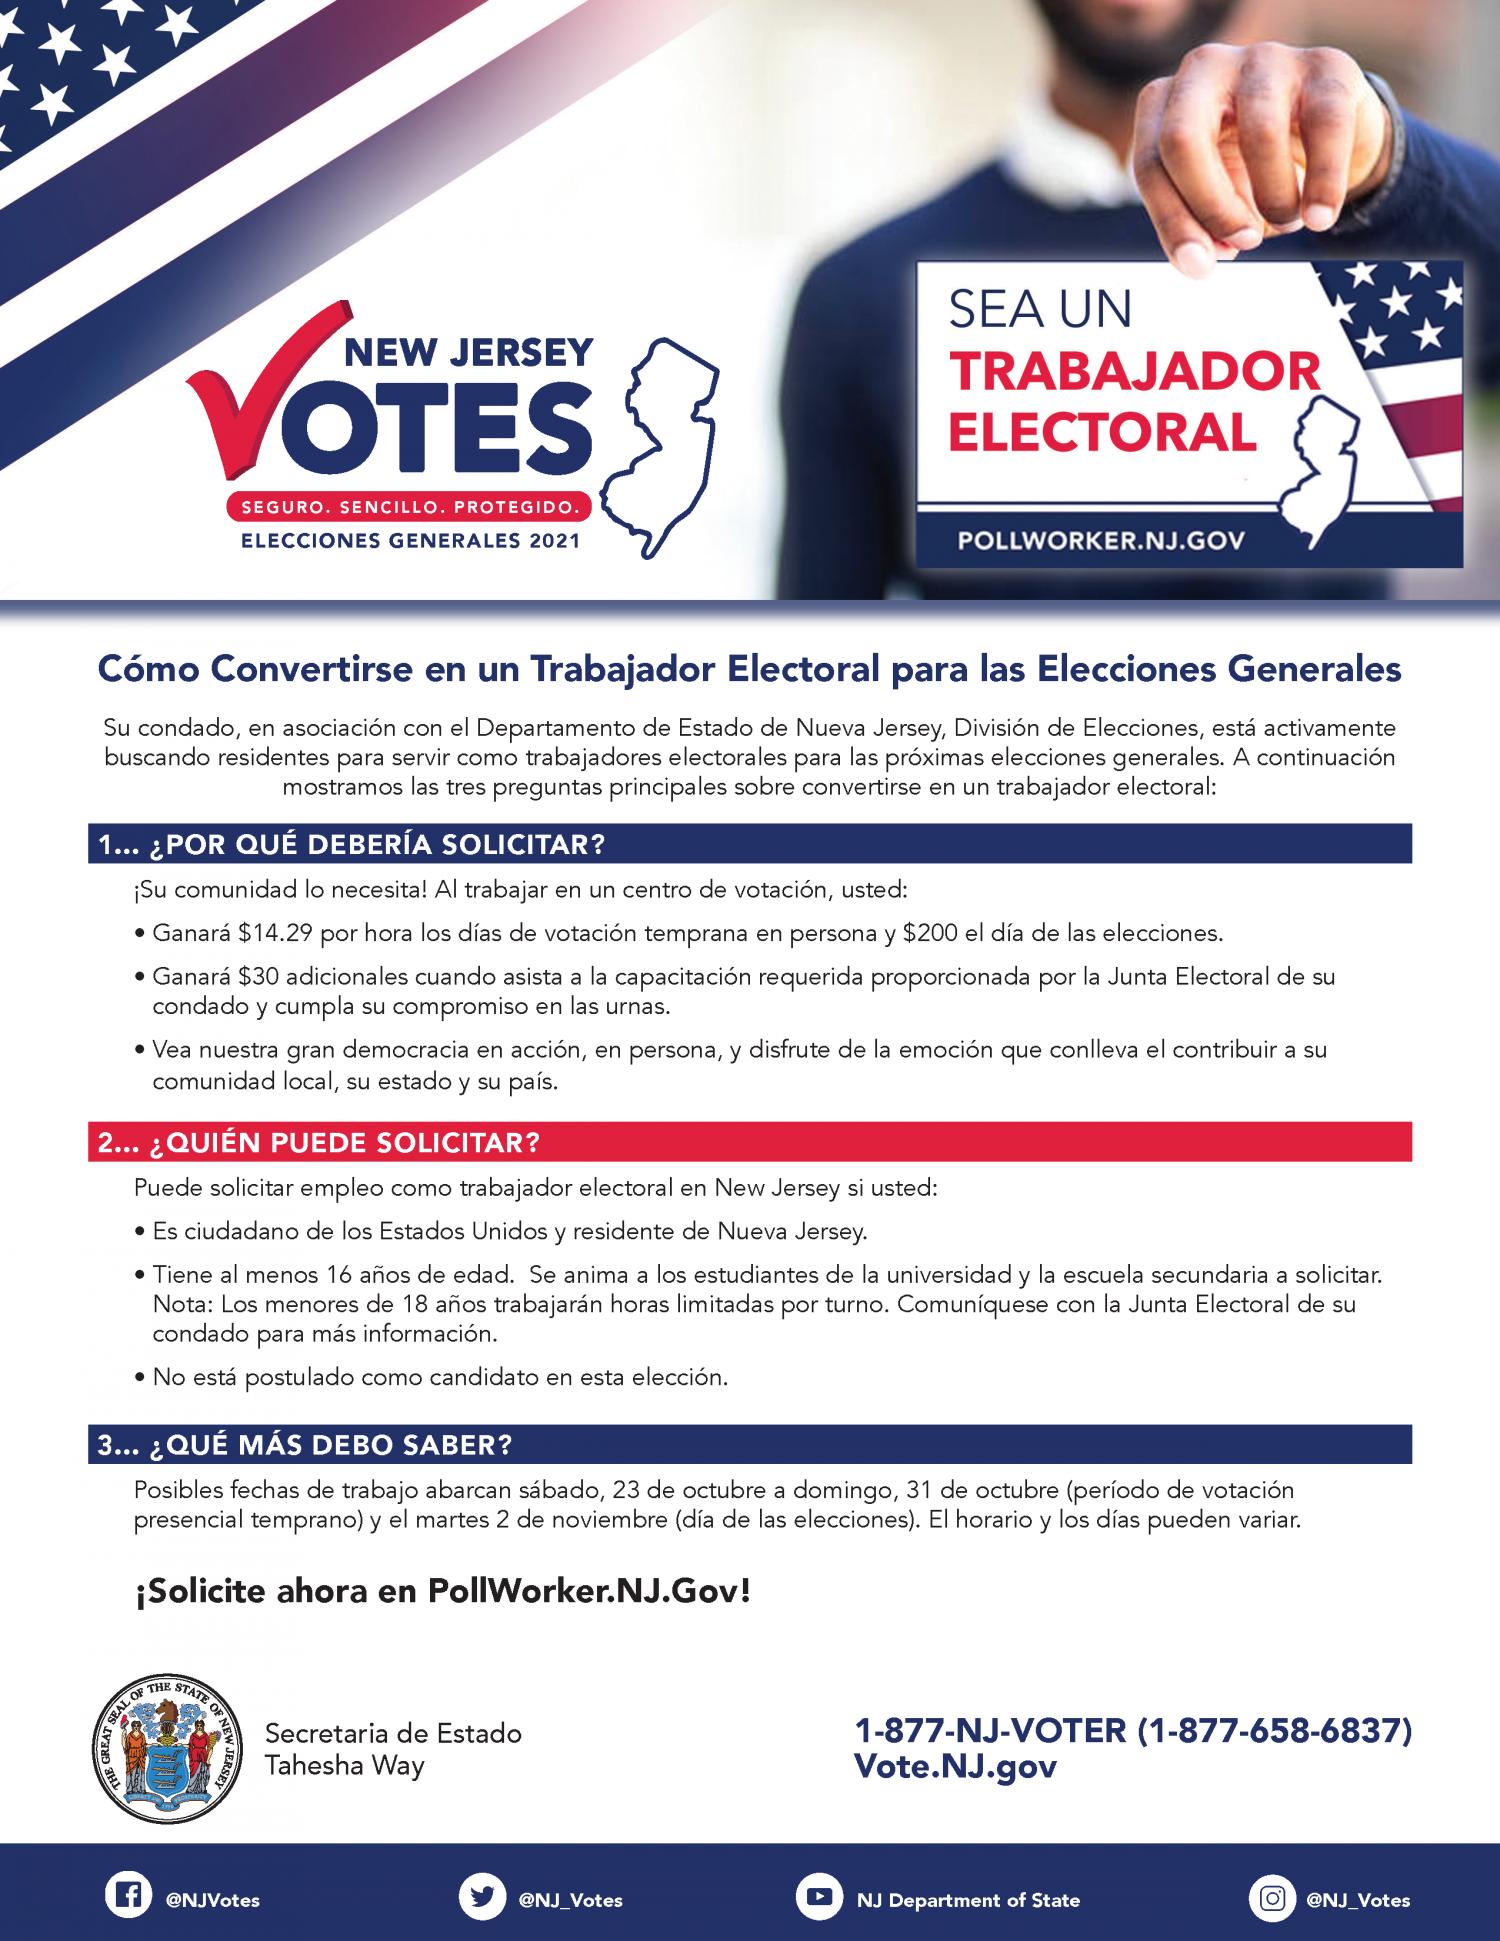 Cómo Convertirse en un Trabajador Electoral para las Elecciones Generales 877-658-6837